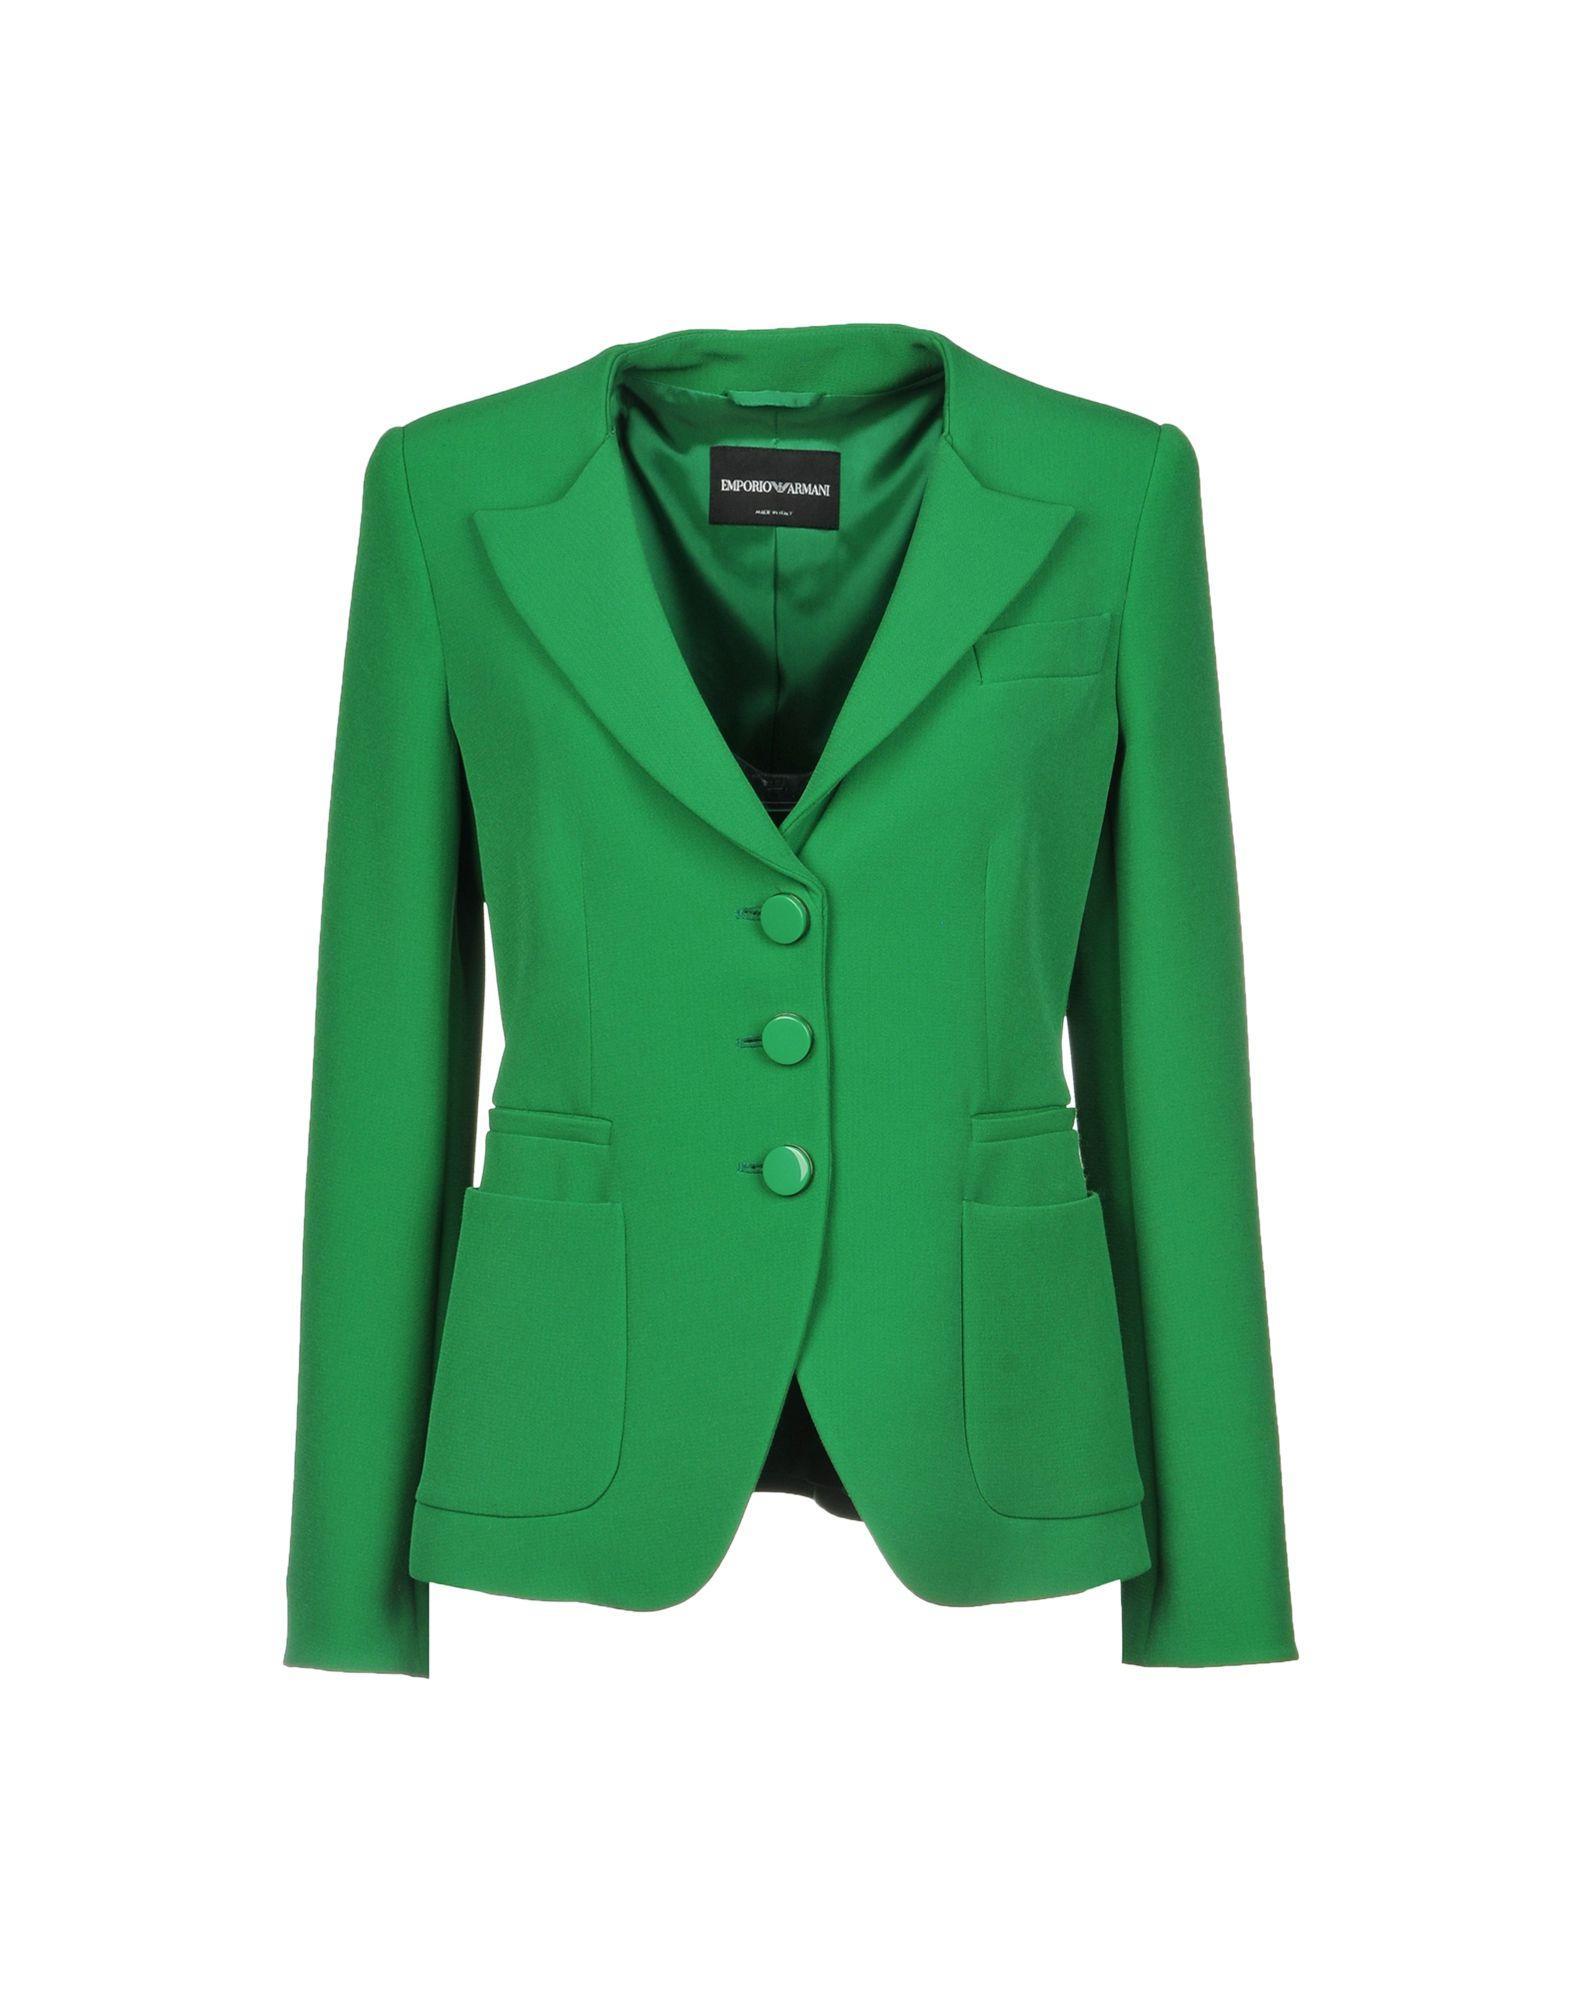 d82f27375e481 Emporio Armani Blazers In Green   ModeSens